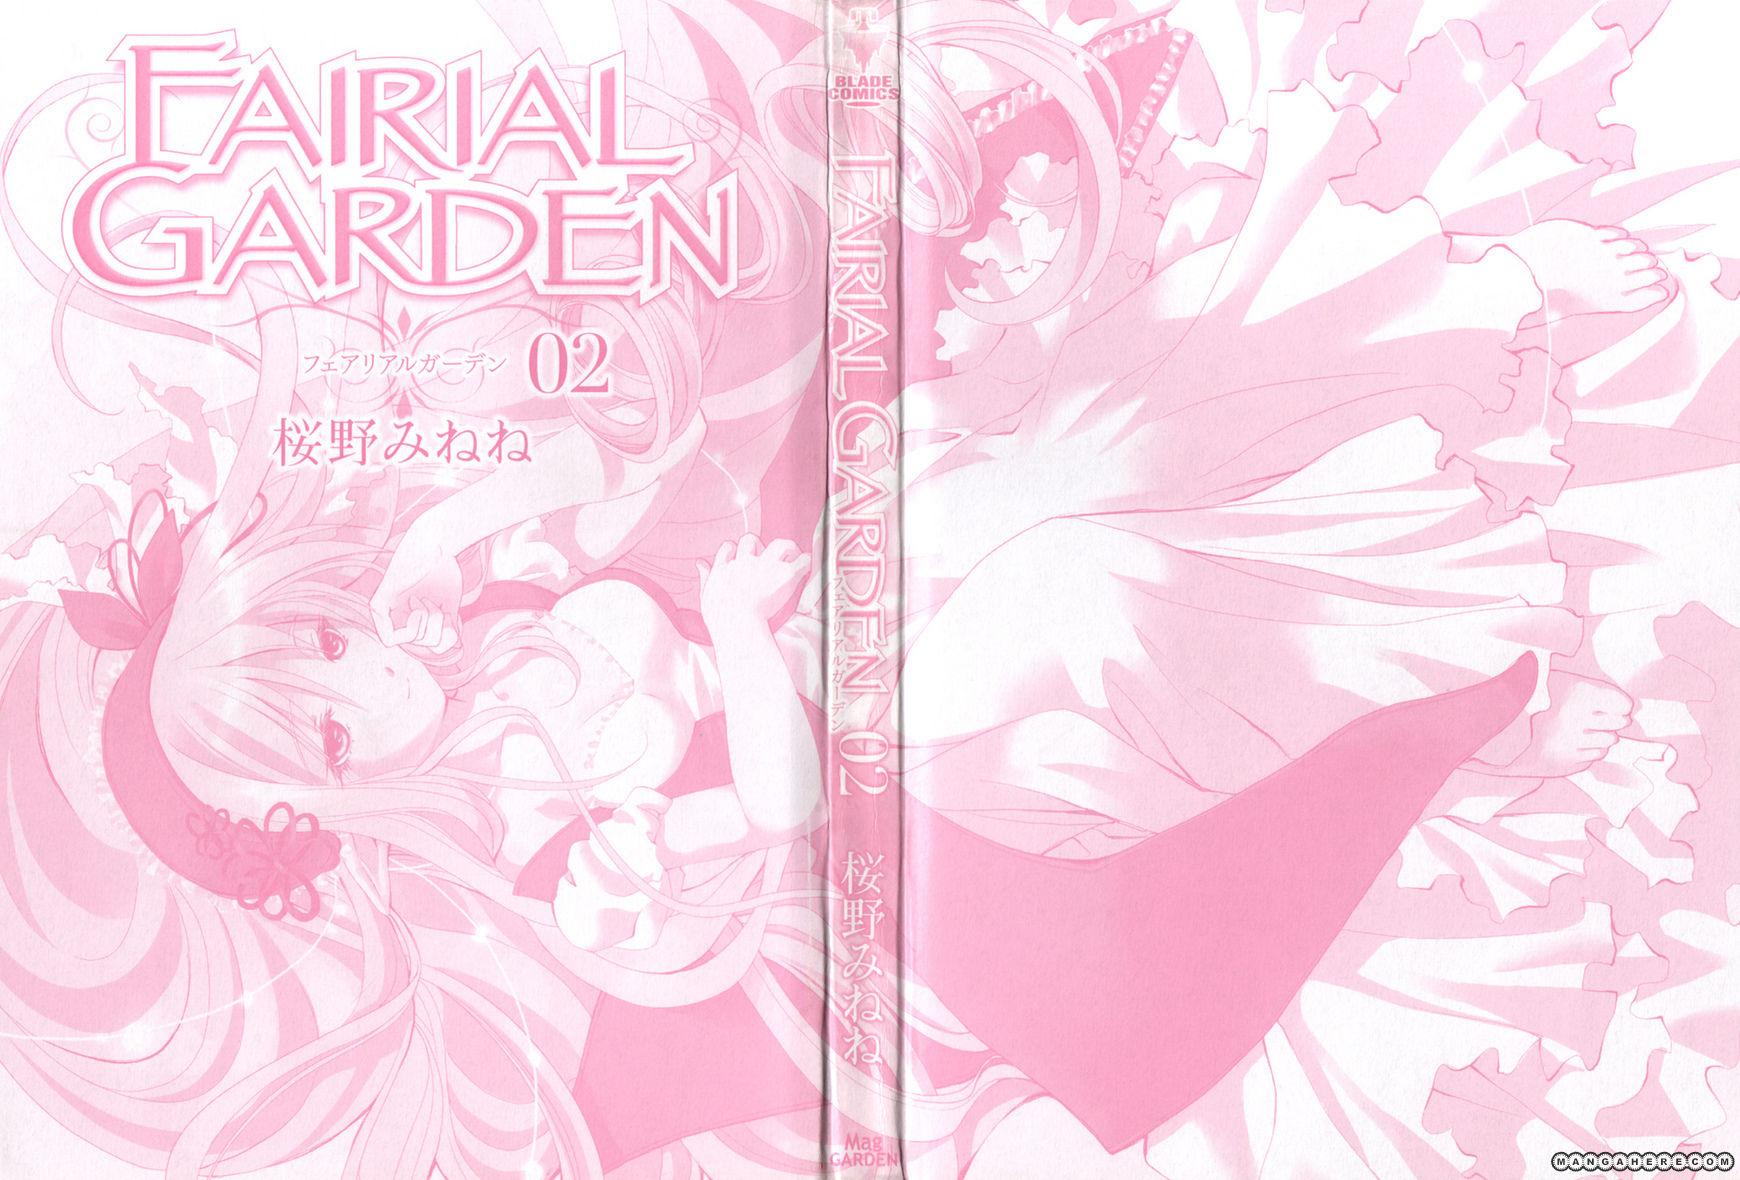 Fairial Garden 6 Page 2